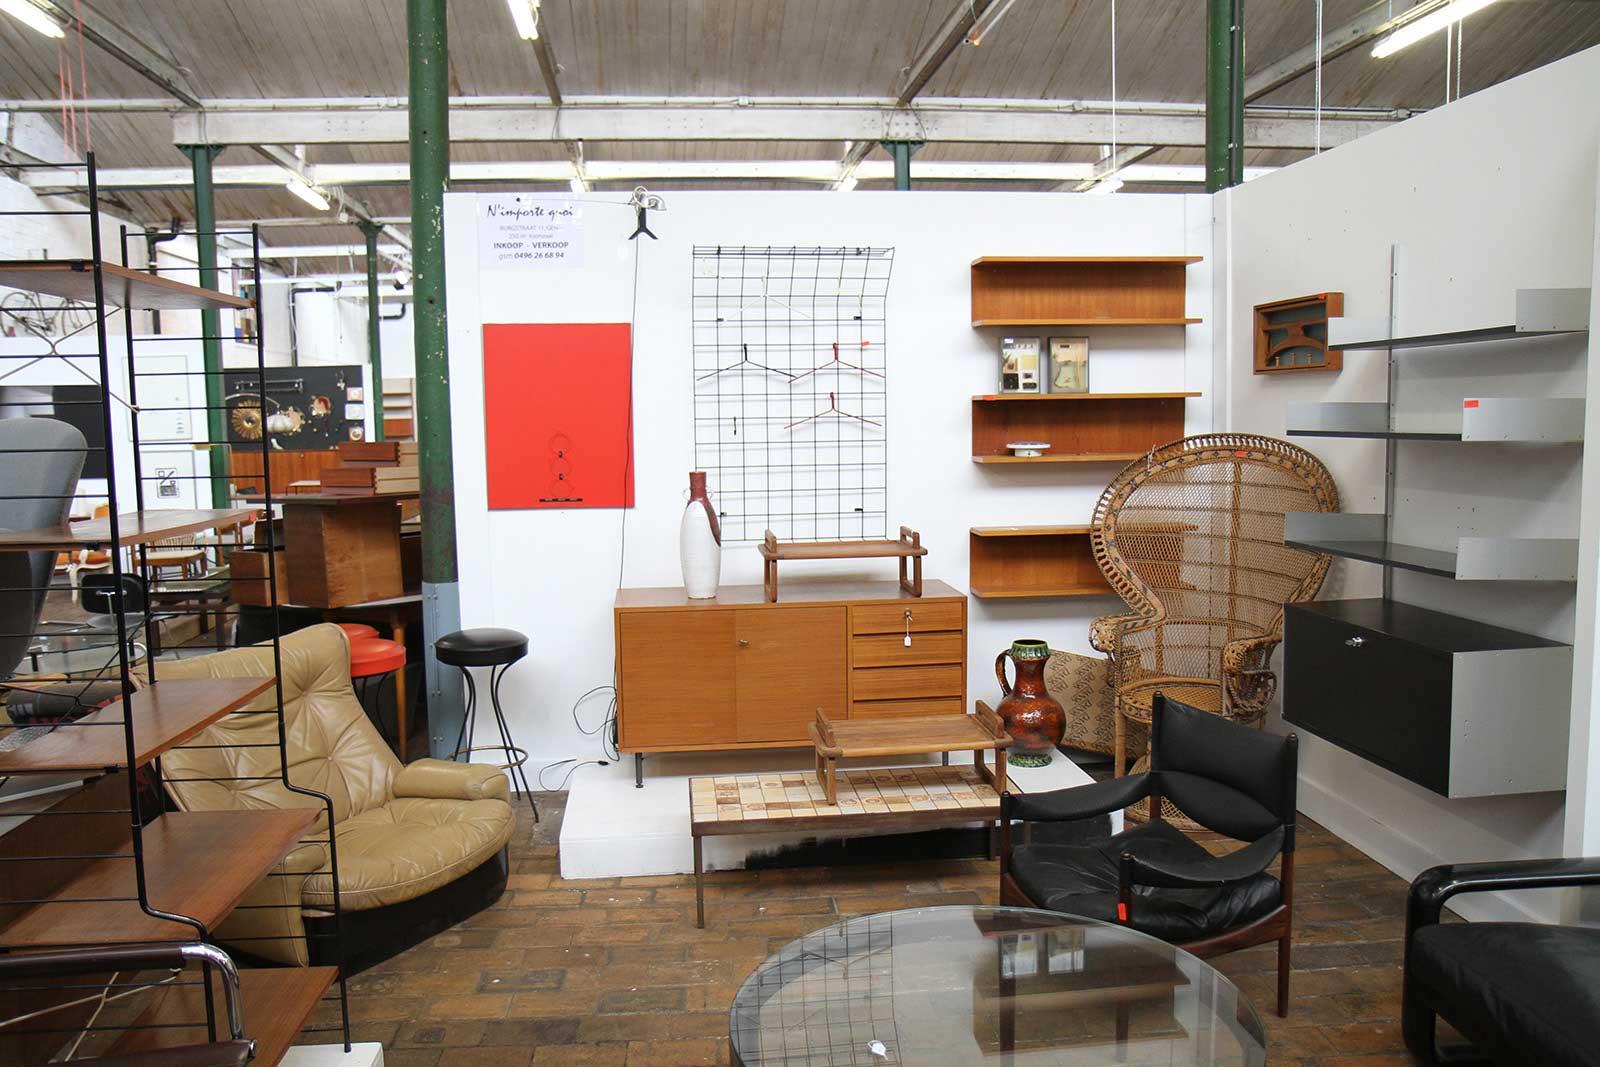 brocante de mobilier vintage gand - Mobilier Vintage